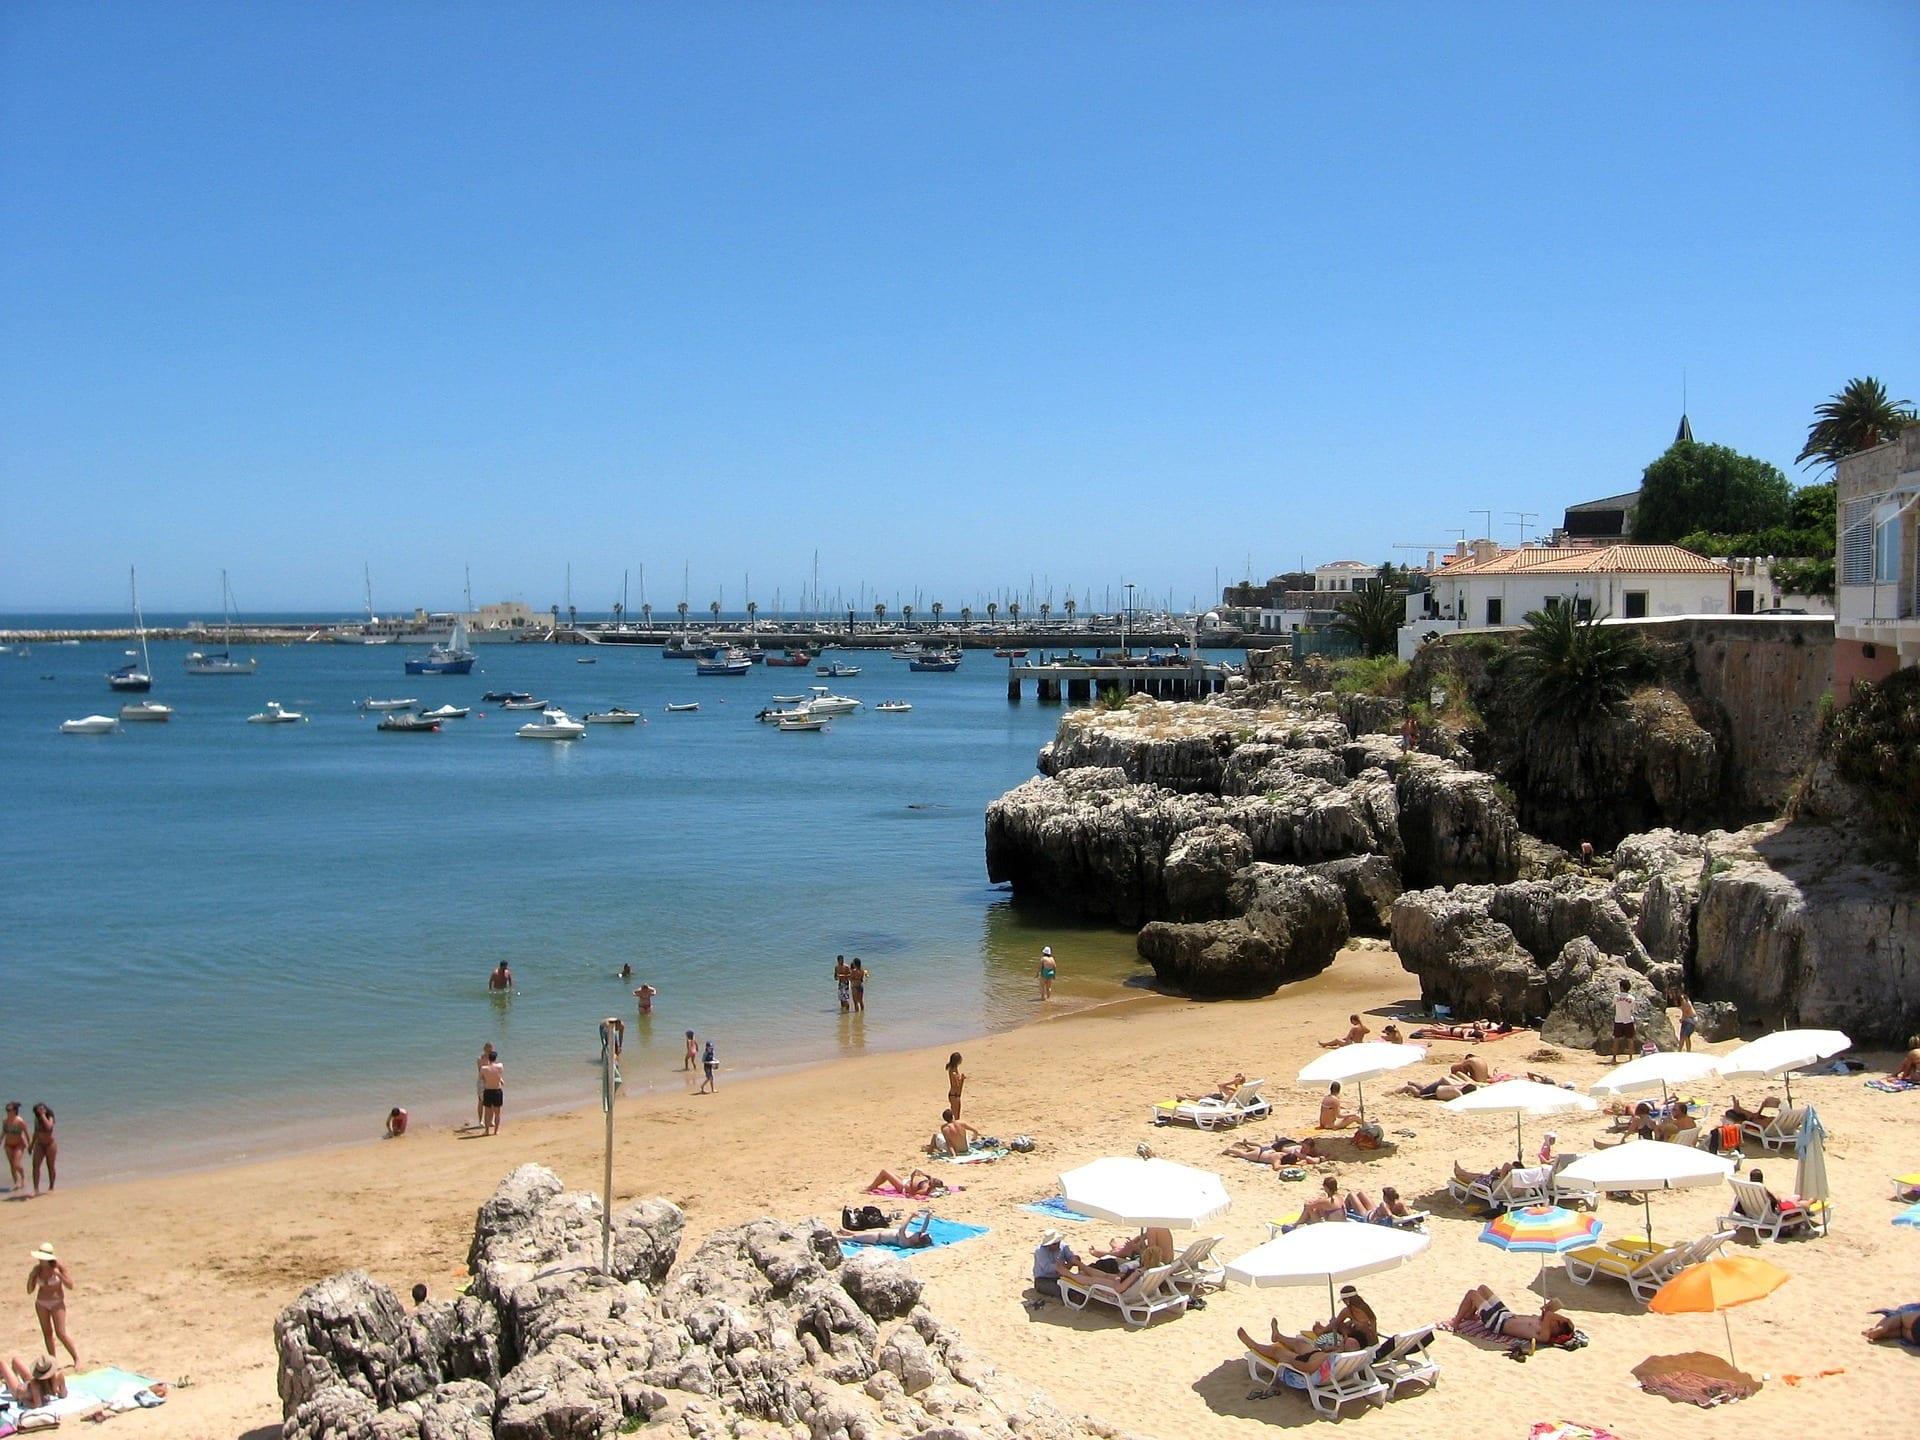 cascais 1346899 1920 - Lissabon bezienswaardigheden: 28 tips die je niet mag missen!